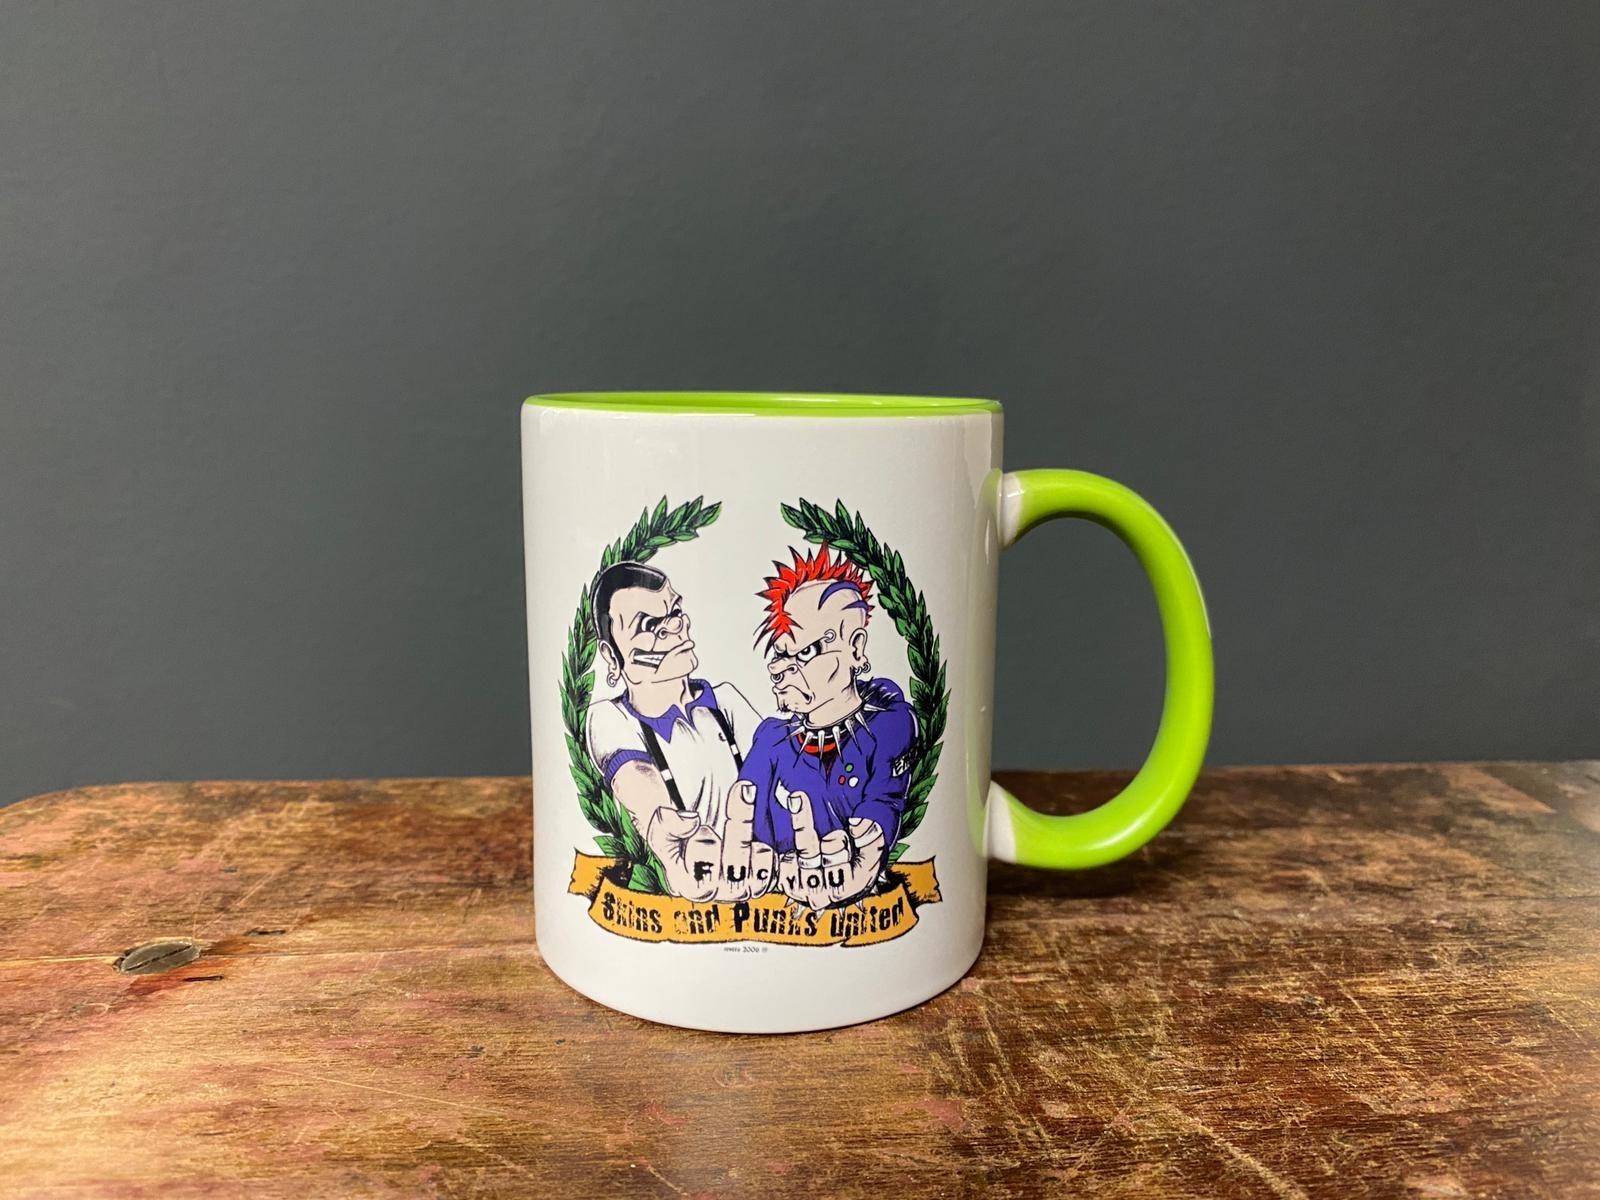 Skins and Punks United - Total Oi! - Tasse/Mug